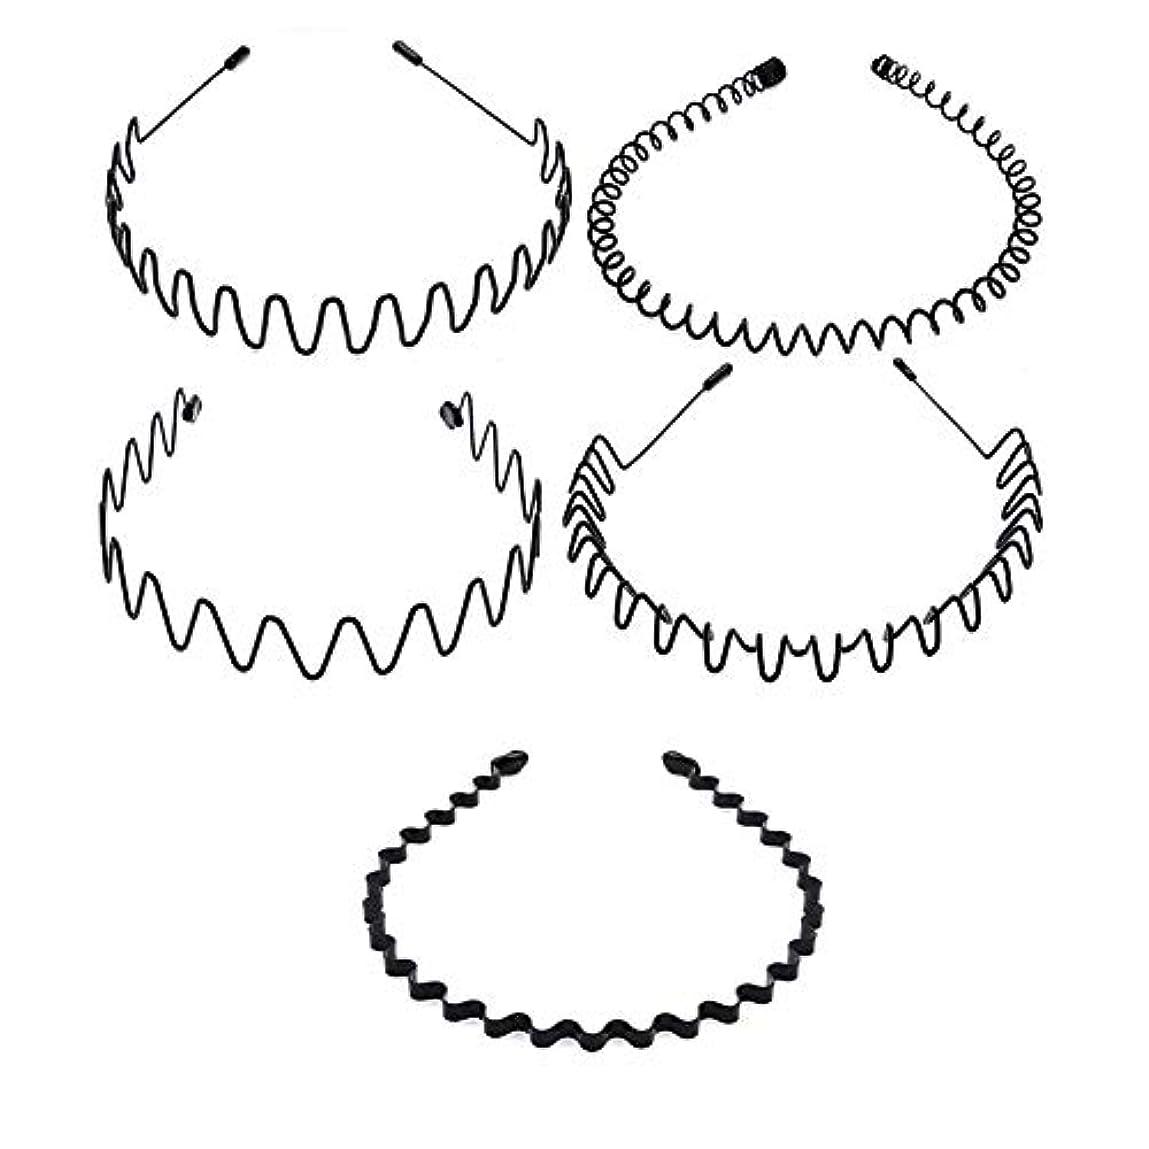 陸軍取り替えるペグ5種類のシンプルな波状ヘッドバンド 非常にニュートラルなヘアクリップ 男性と女性の両方が使用可能 黒